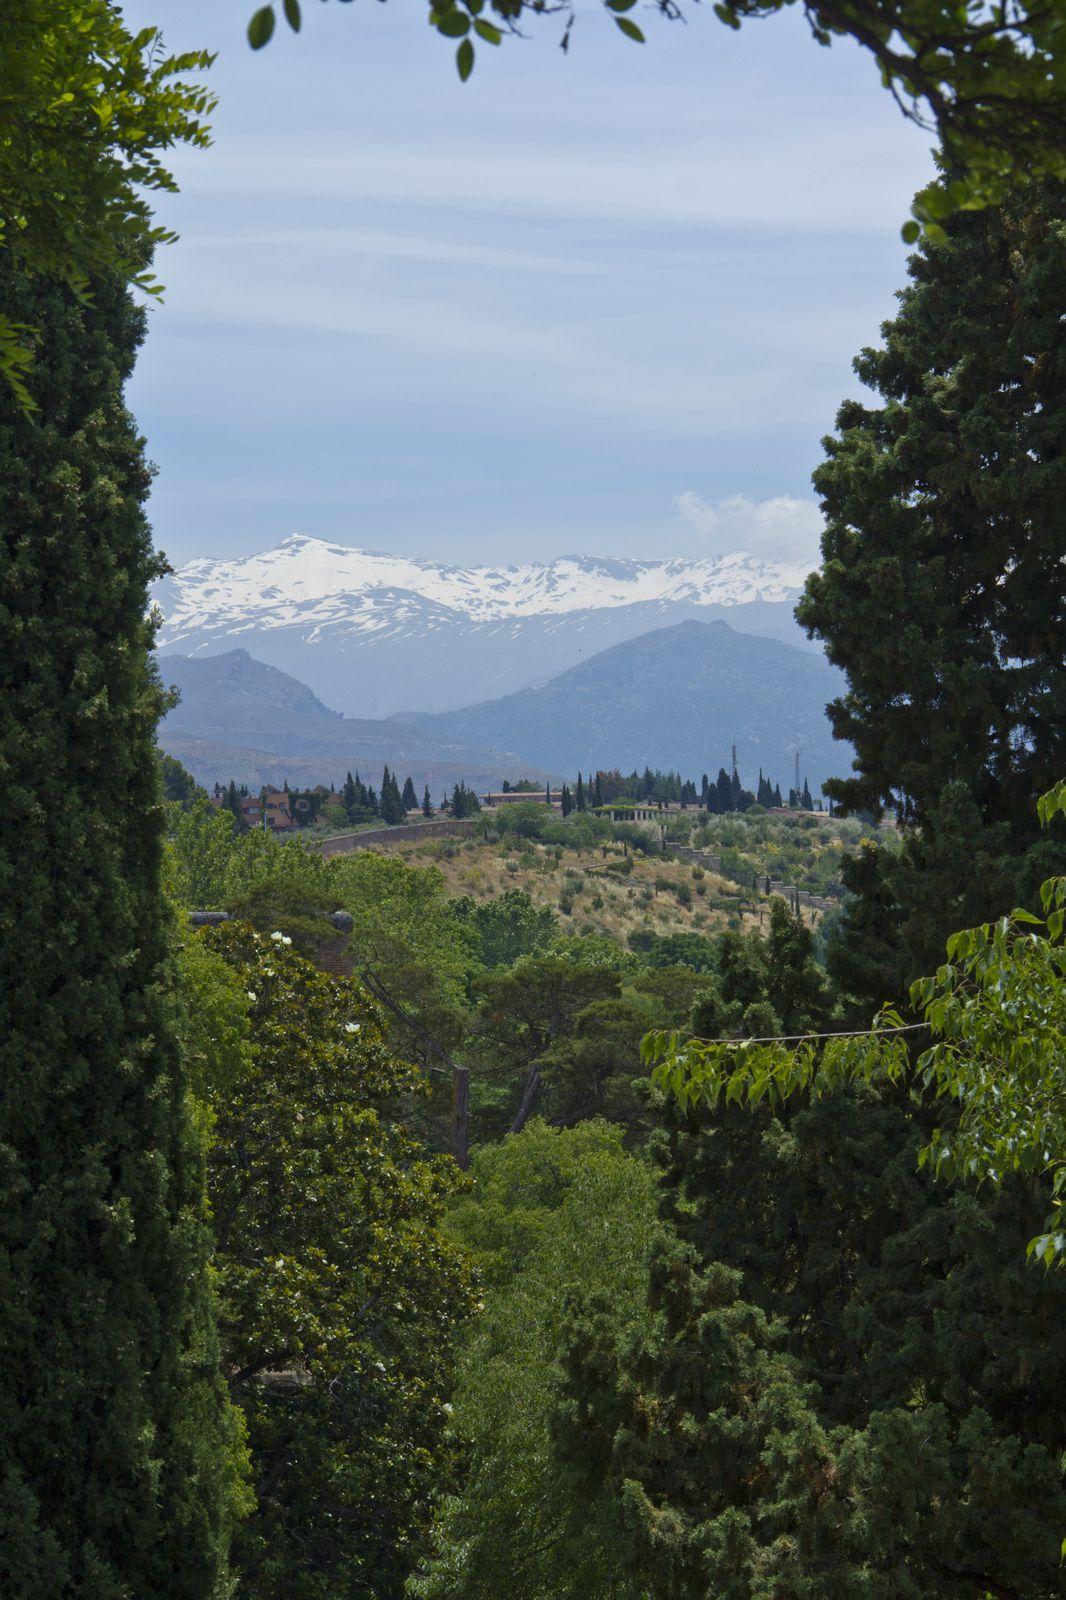 Différentes vues de l'Alcazaba, avec en arrière plan la ville de Grenade, la Sierra Nevada, le quartier de l'Albaicin.